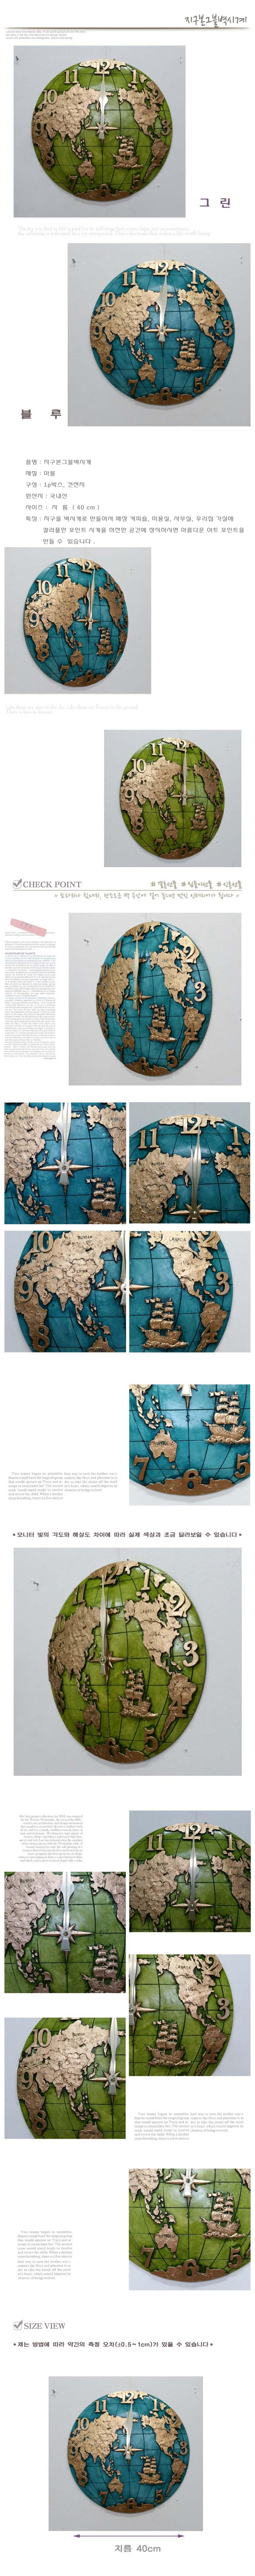 라운드지구본벽시계 - 유앤티크, 90,000원, 벽시계, 디자인벽시계